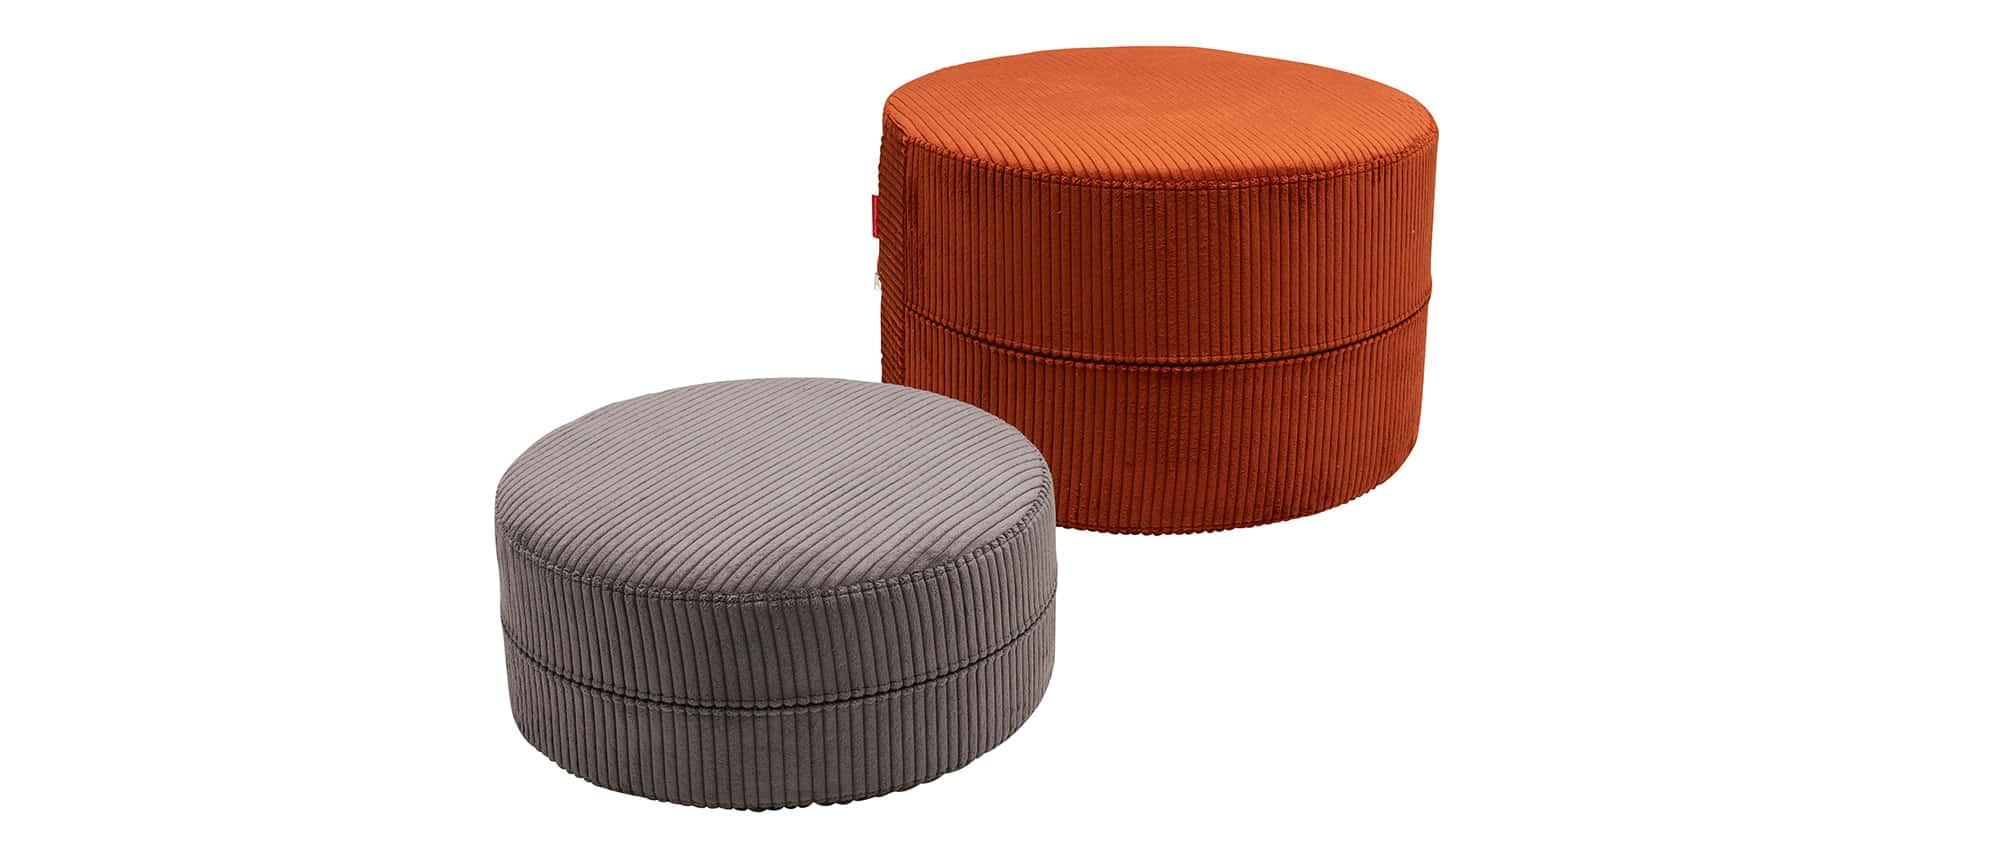 Sitzhocker DECONSTRUCTED von Innovation |